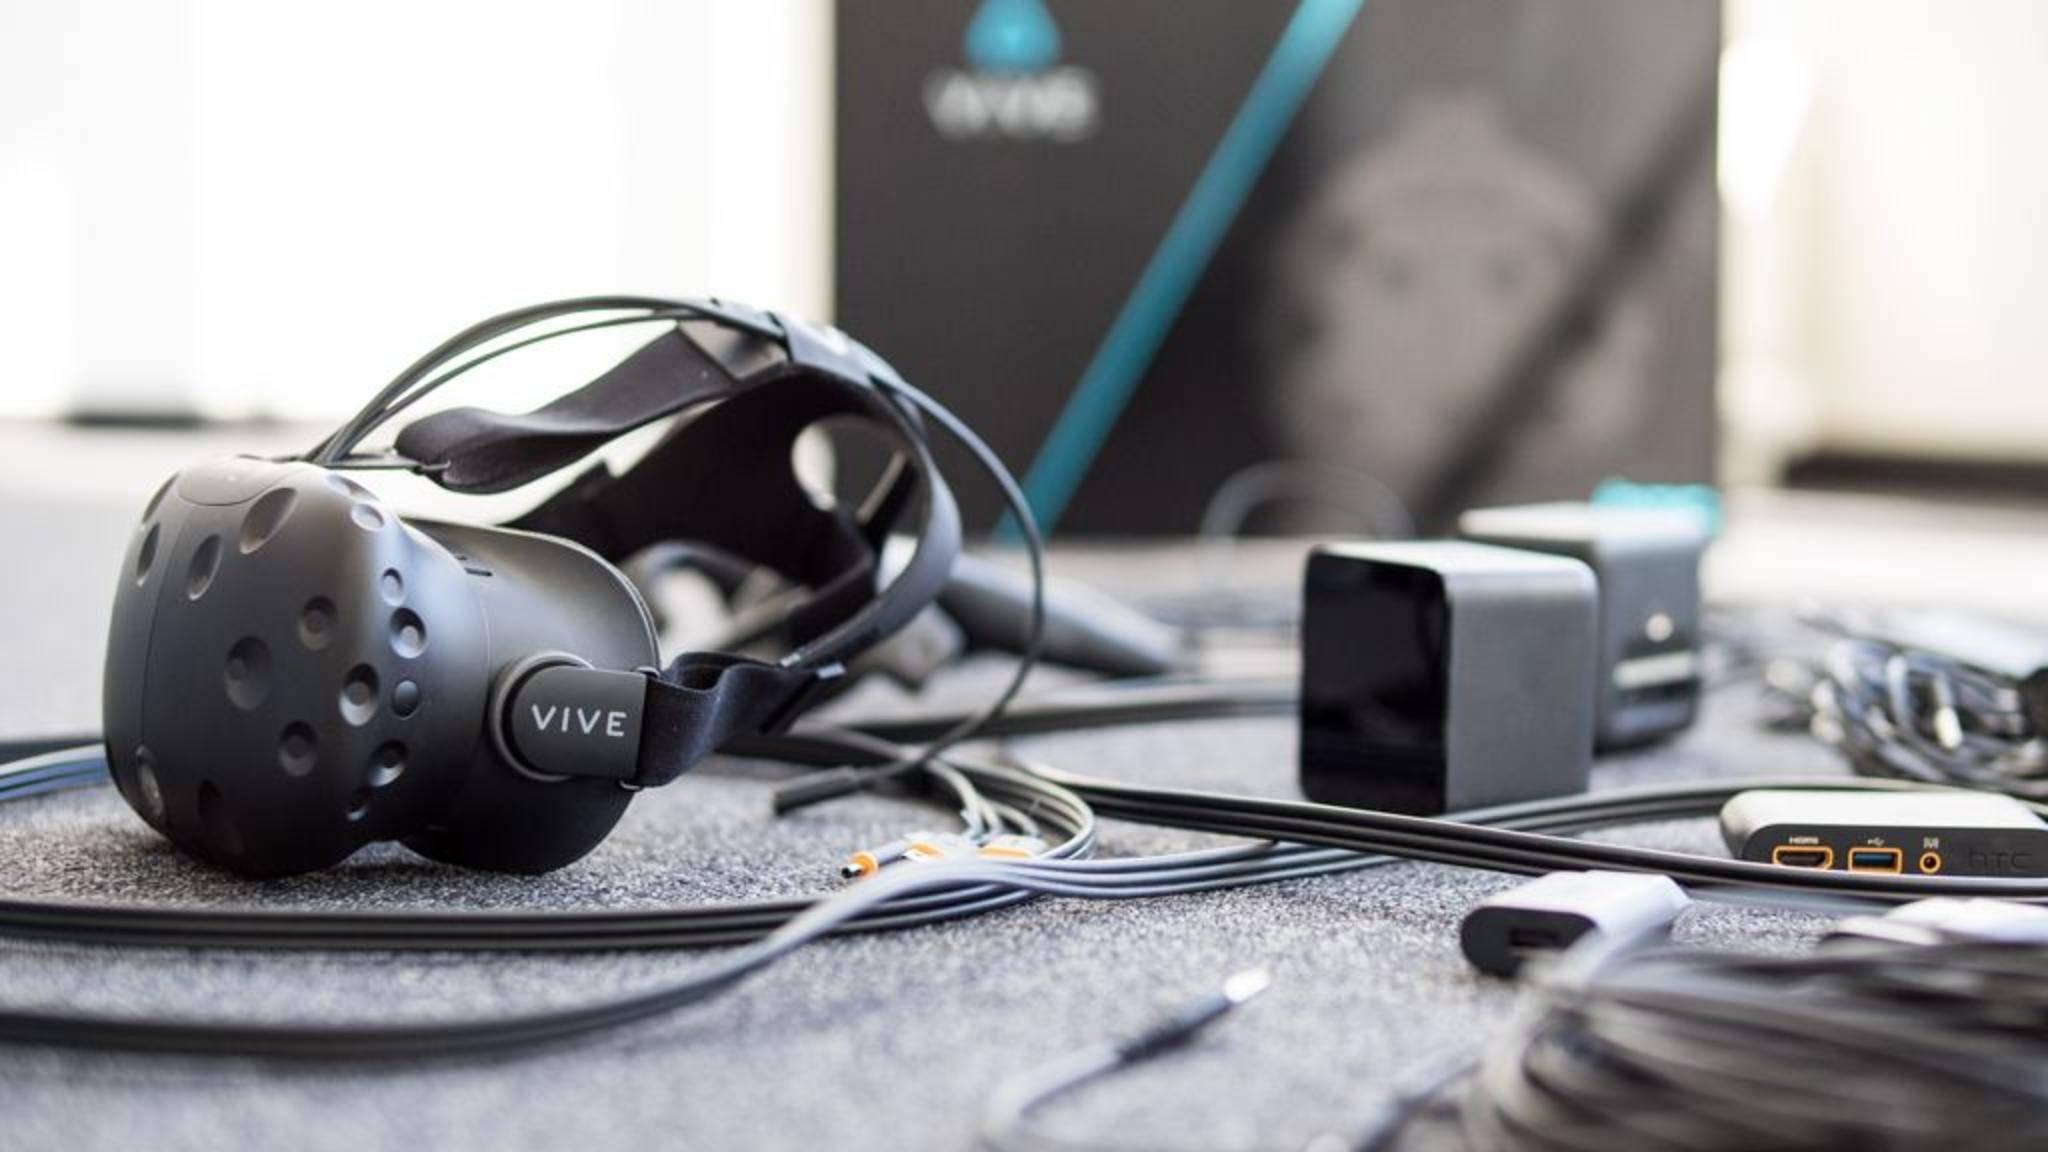 HTC geht mit den Vive Studios unter die Spiele-Publisher.